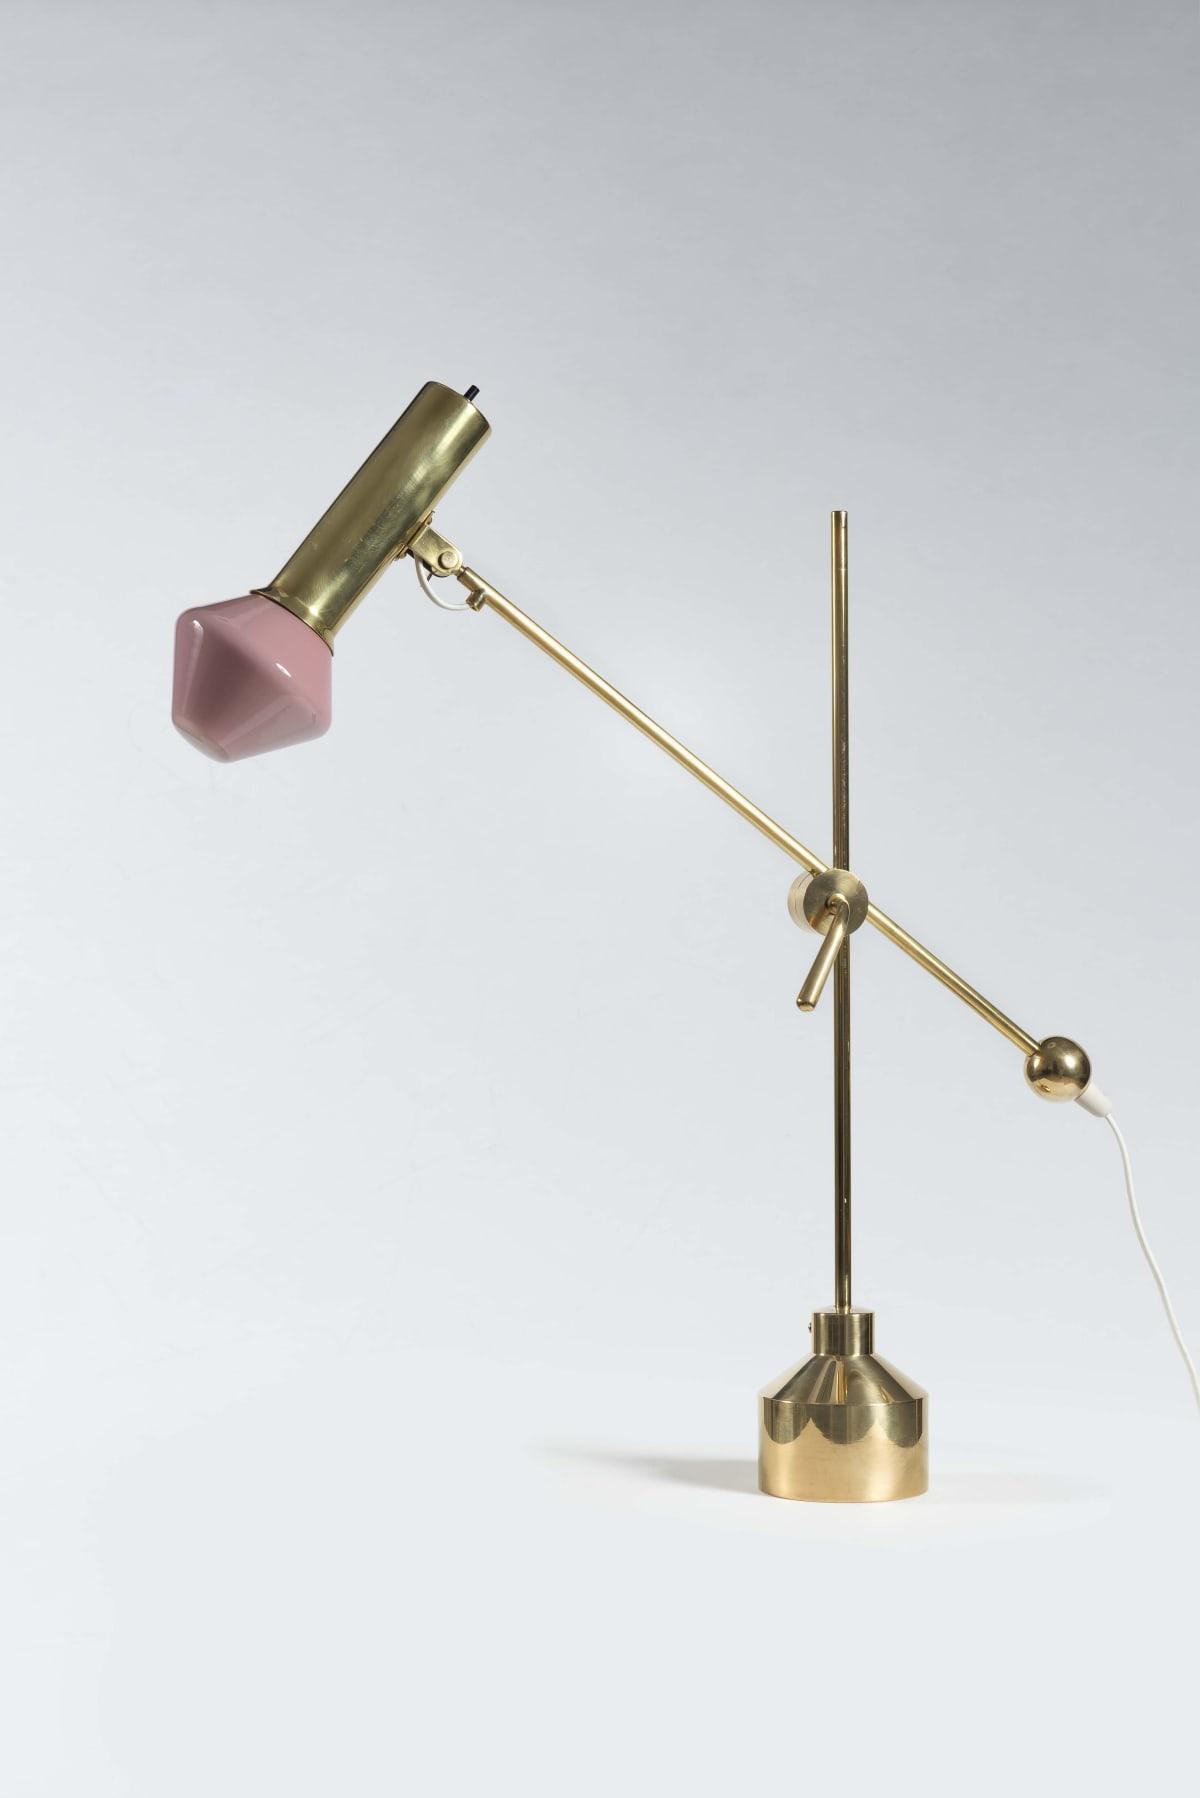 Tapio Wirkkala, Table lamp - Prototype, 1960